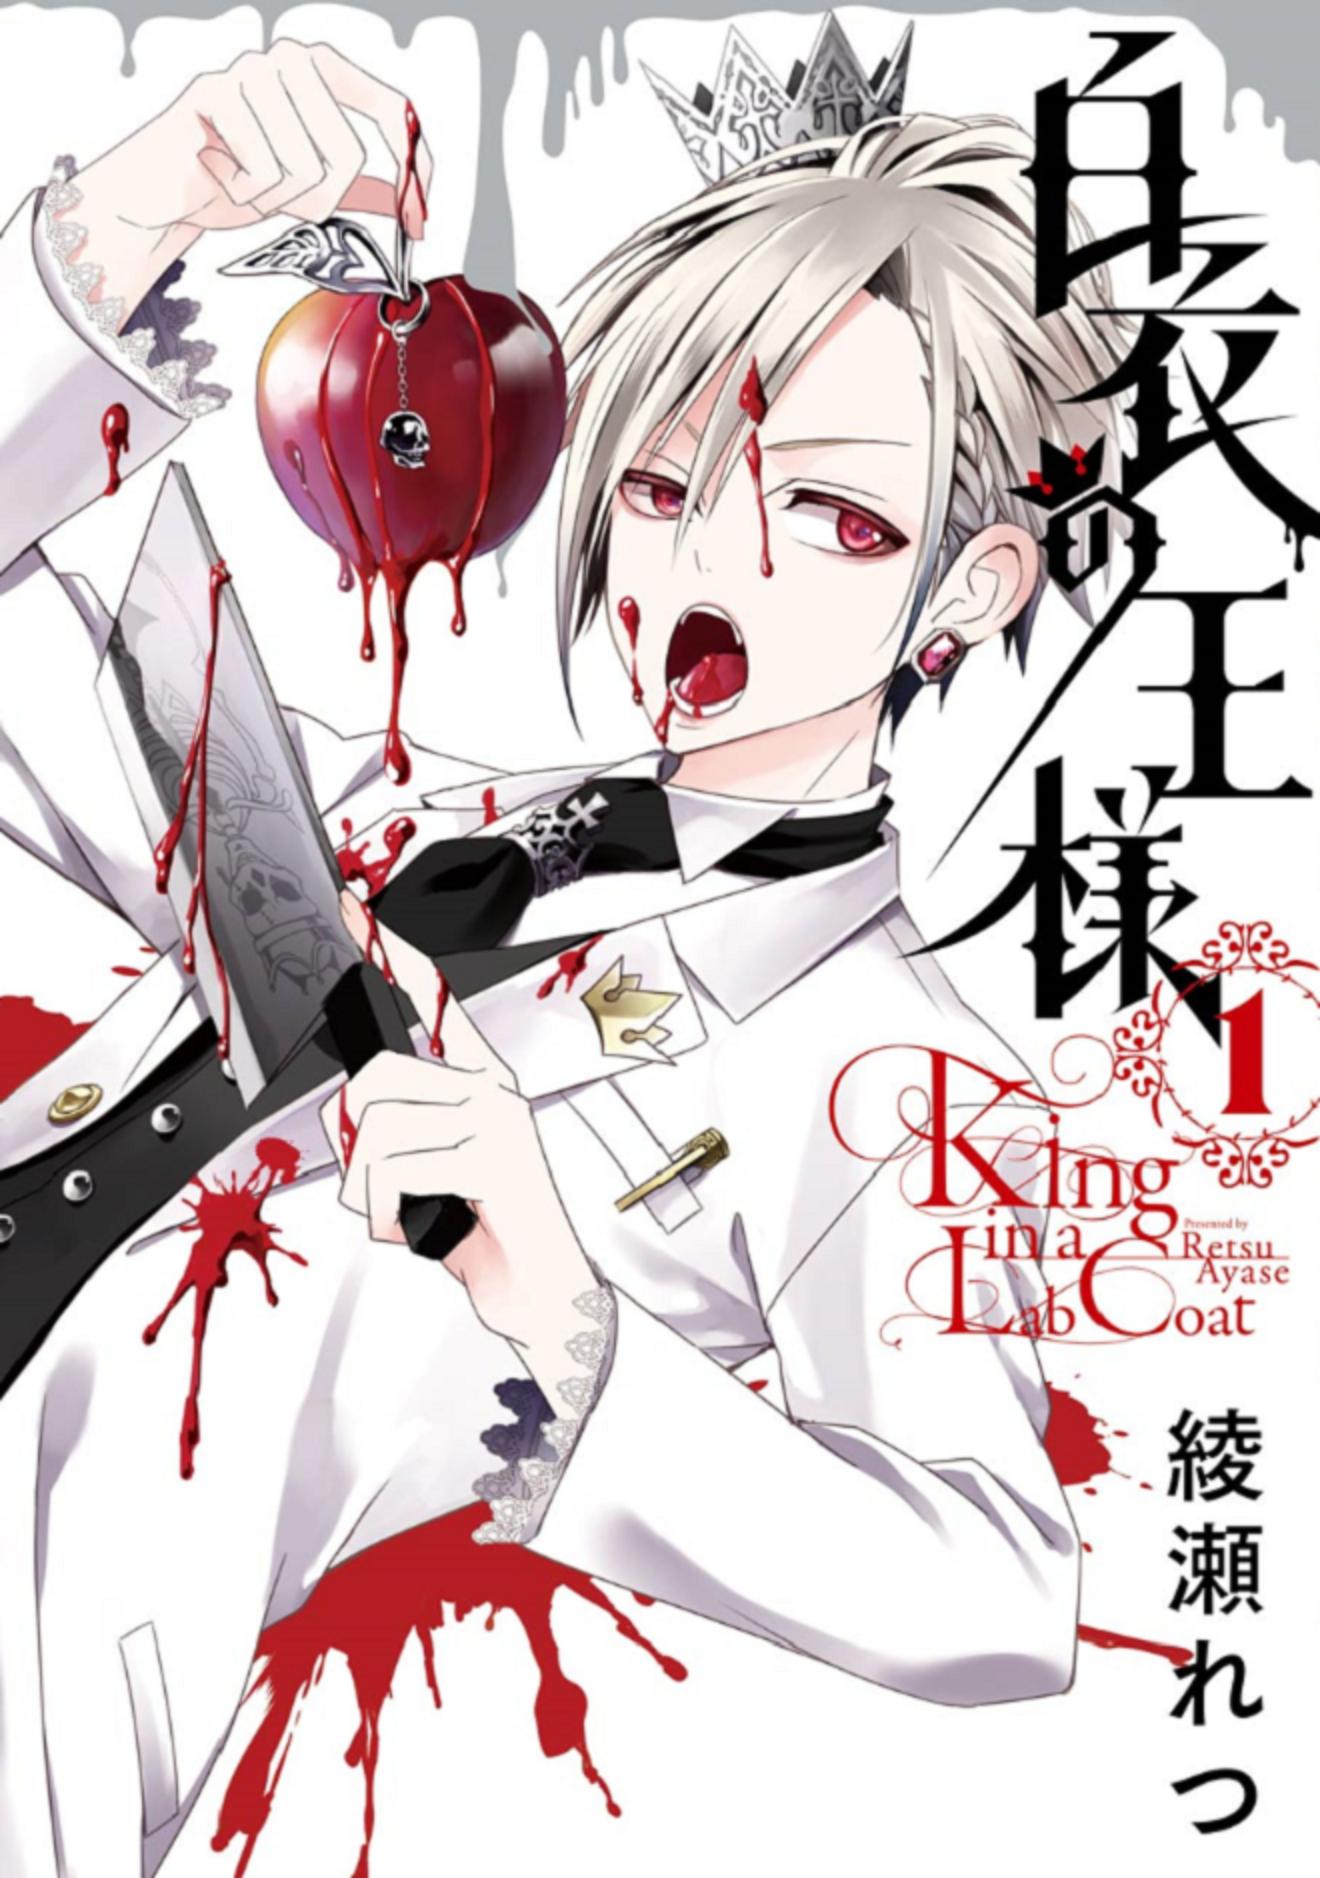 『白衣の王様』5巻までの見所をネタバレ!最終回が泣ける!【無料で読める】